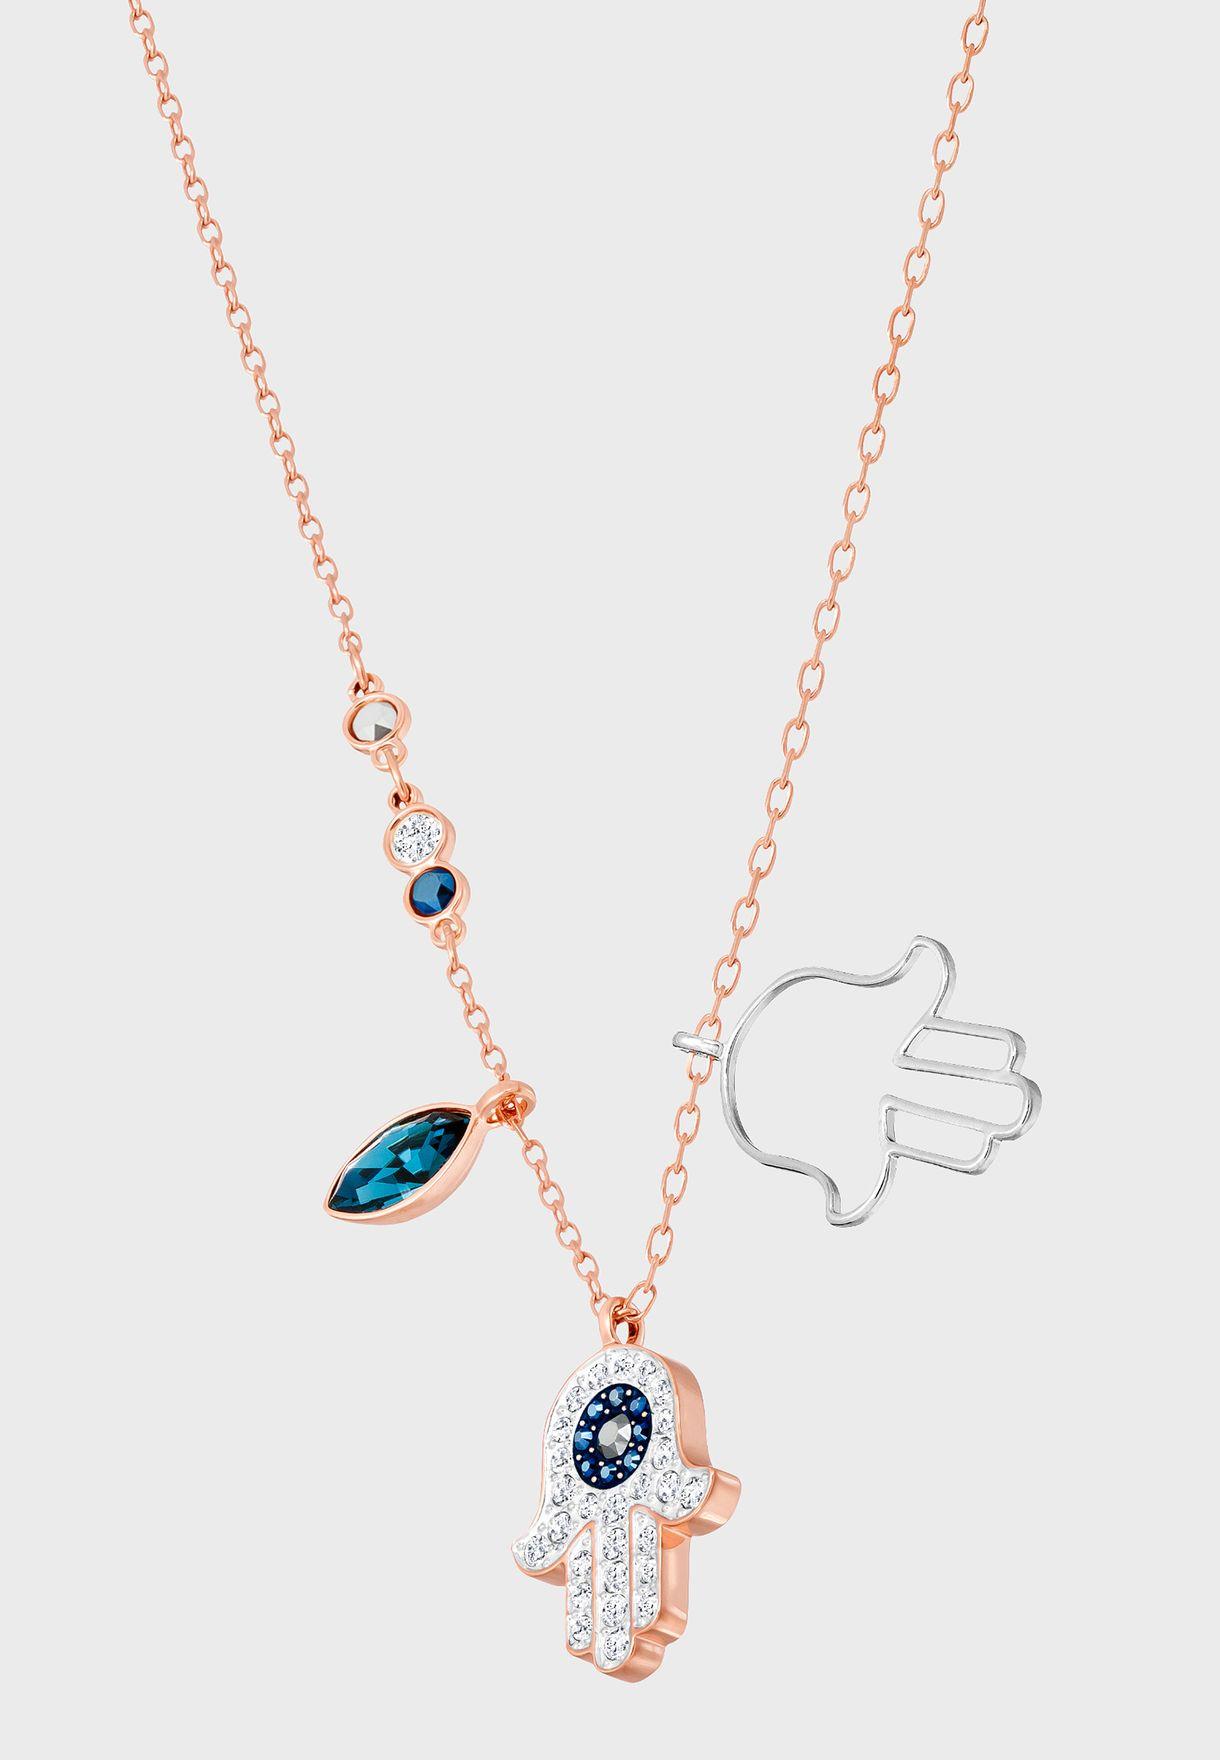 Duo Hamsa Hand Necklace